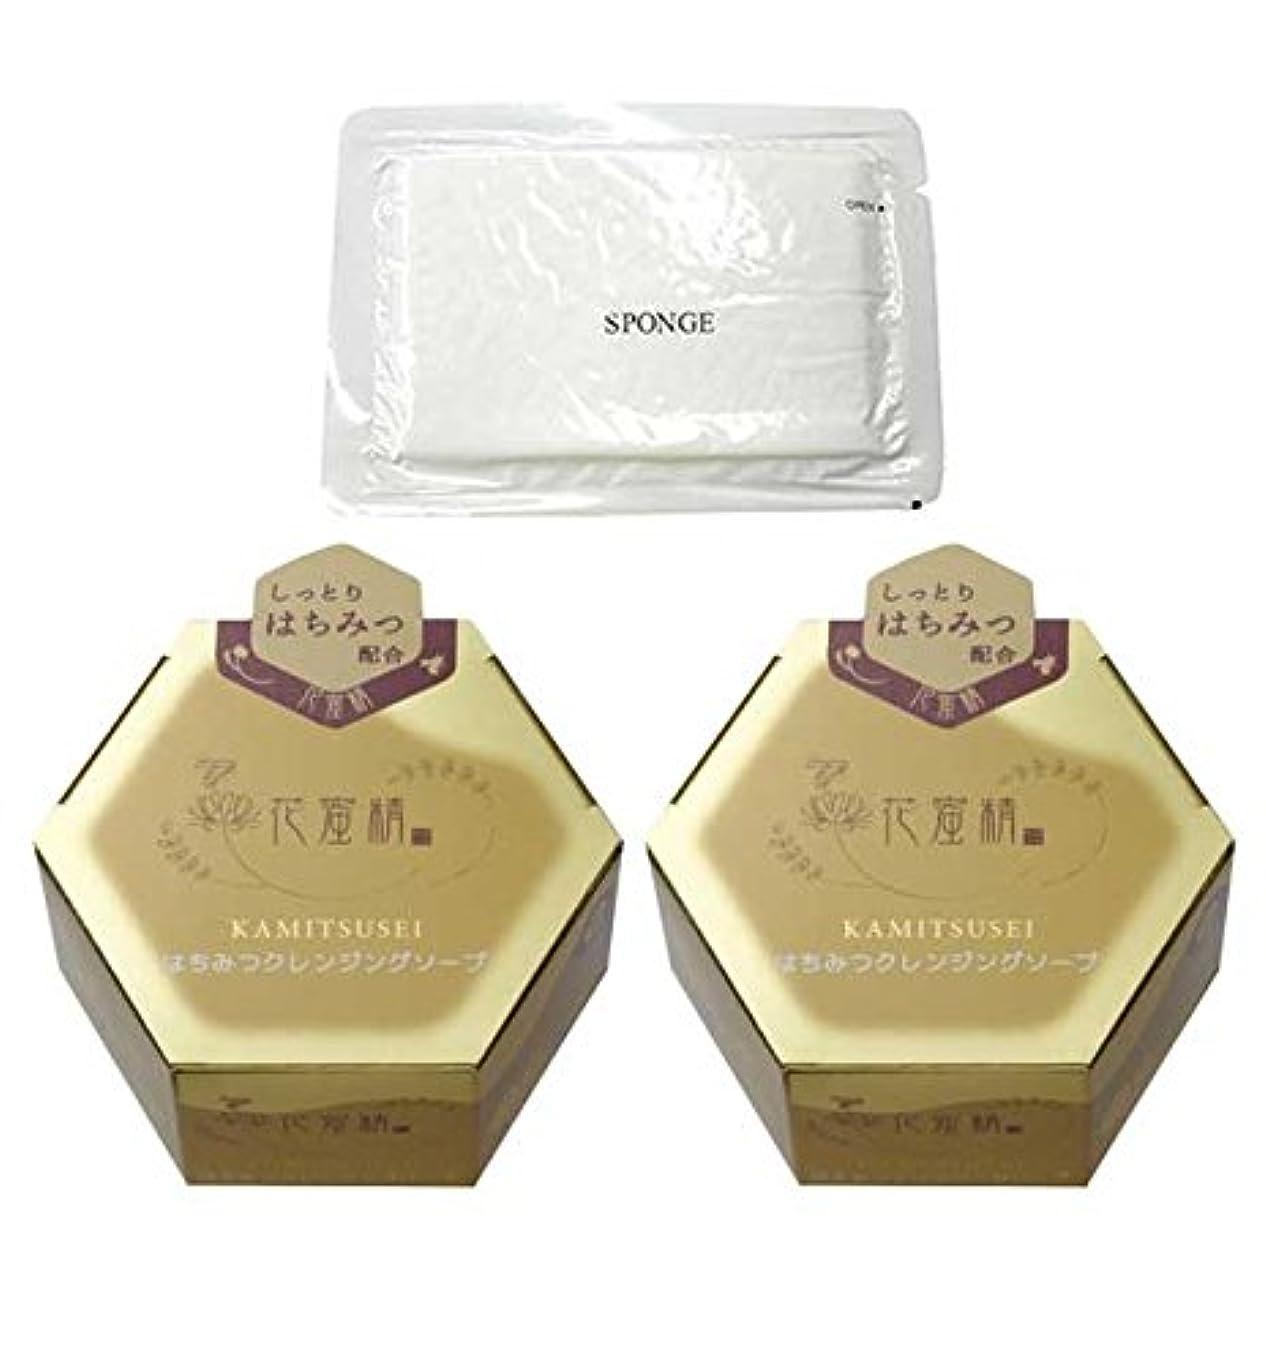 水言い換えるとホラー花蜜精 はちみつクレンジングソープ 85g 2個 + 圧縮スポンジセット